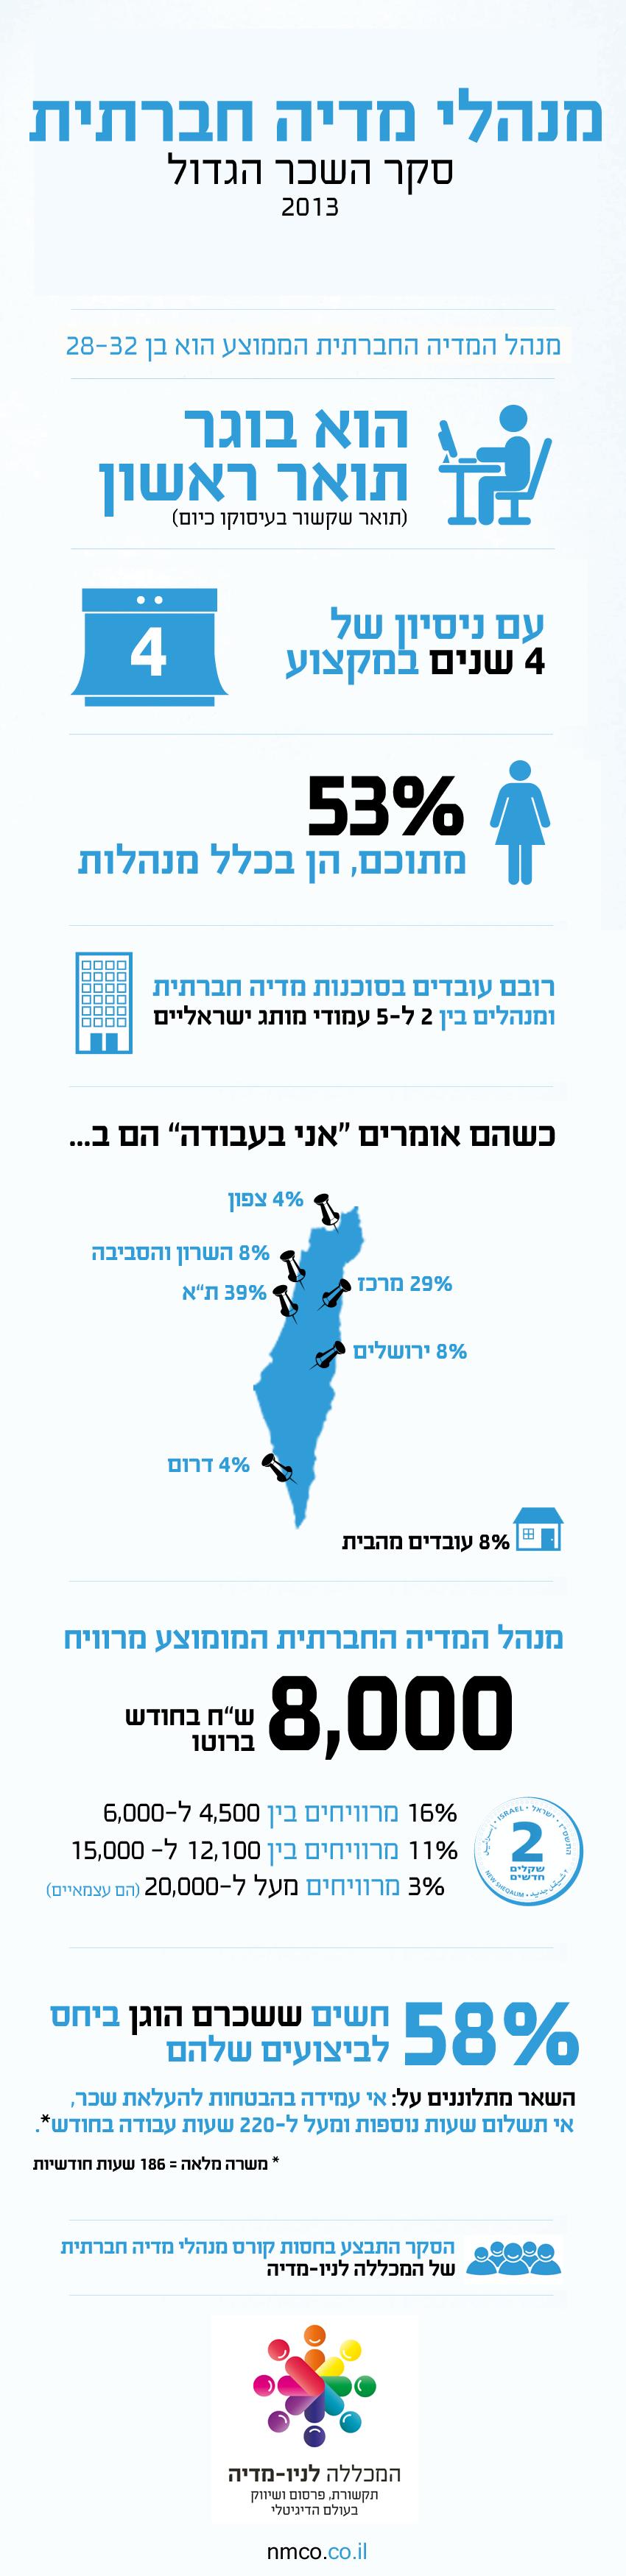 אינפוגרפיקה: אז כמה מרוויחים מנהלי המדיה החברתית בישראל?